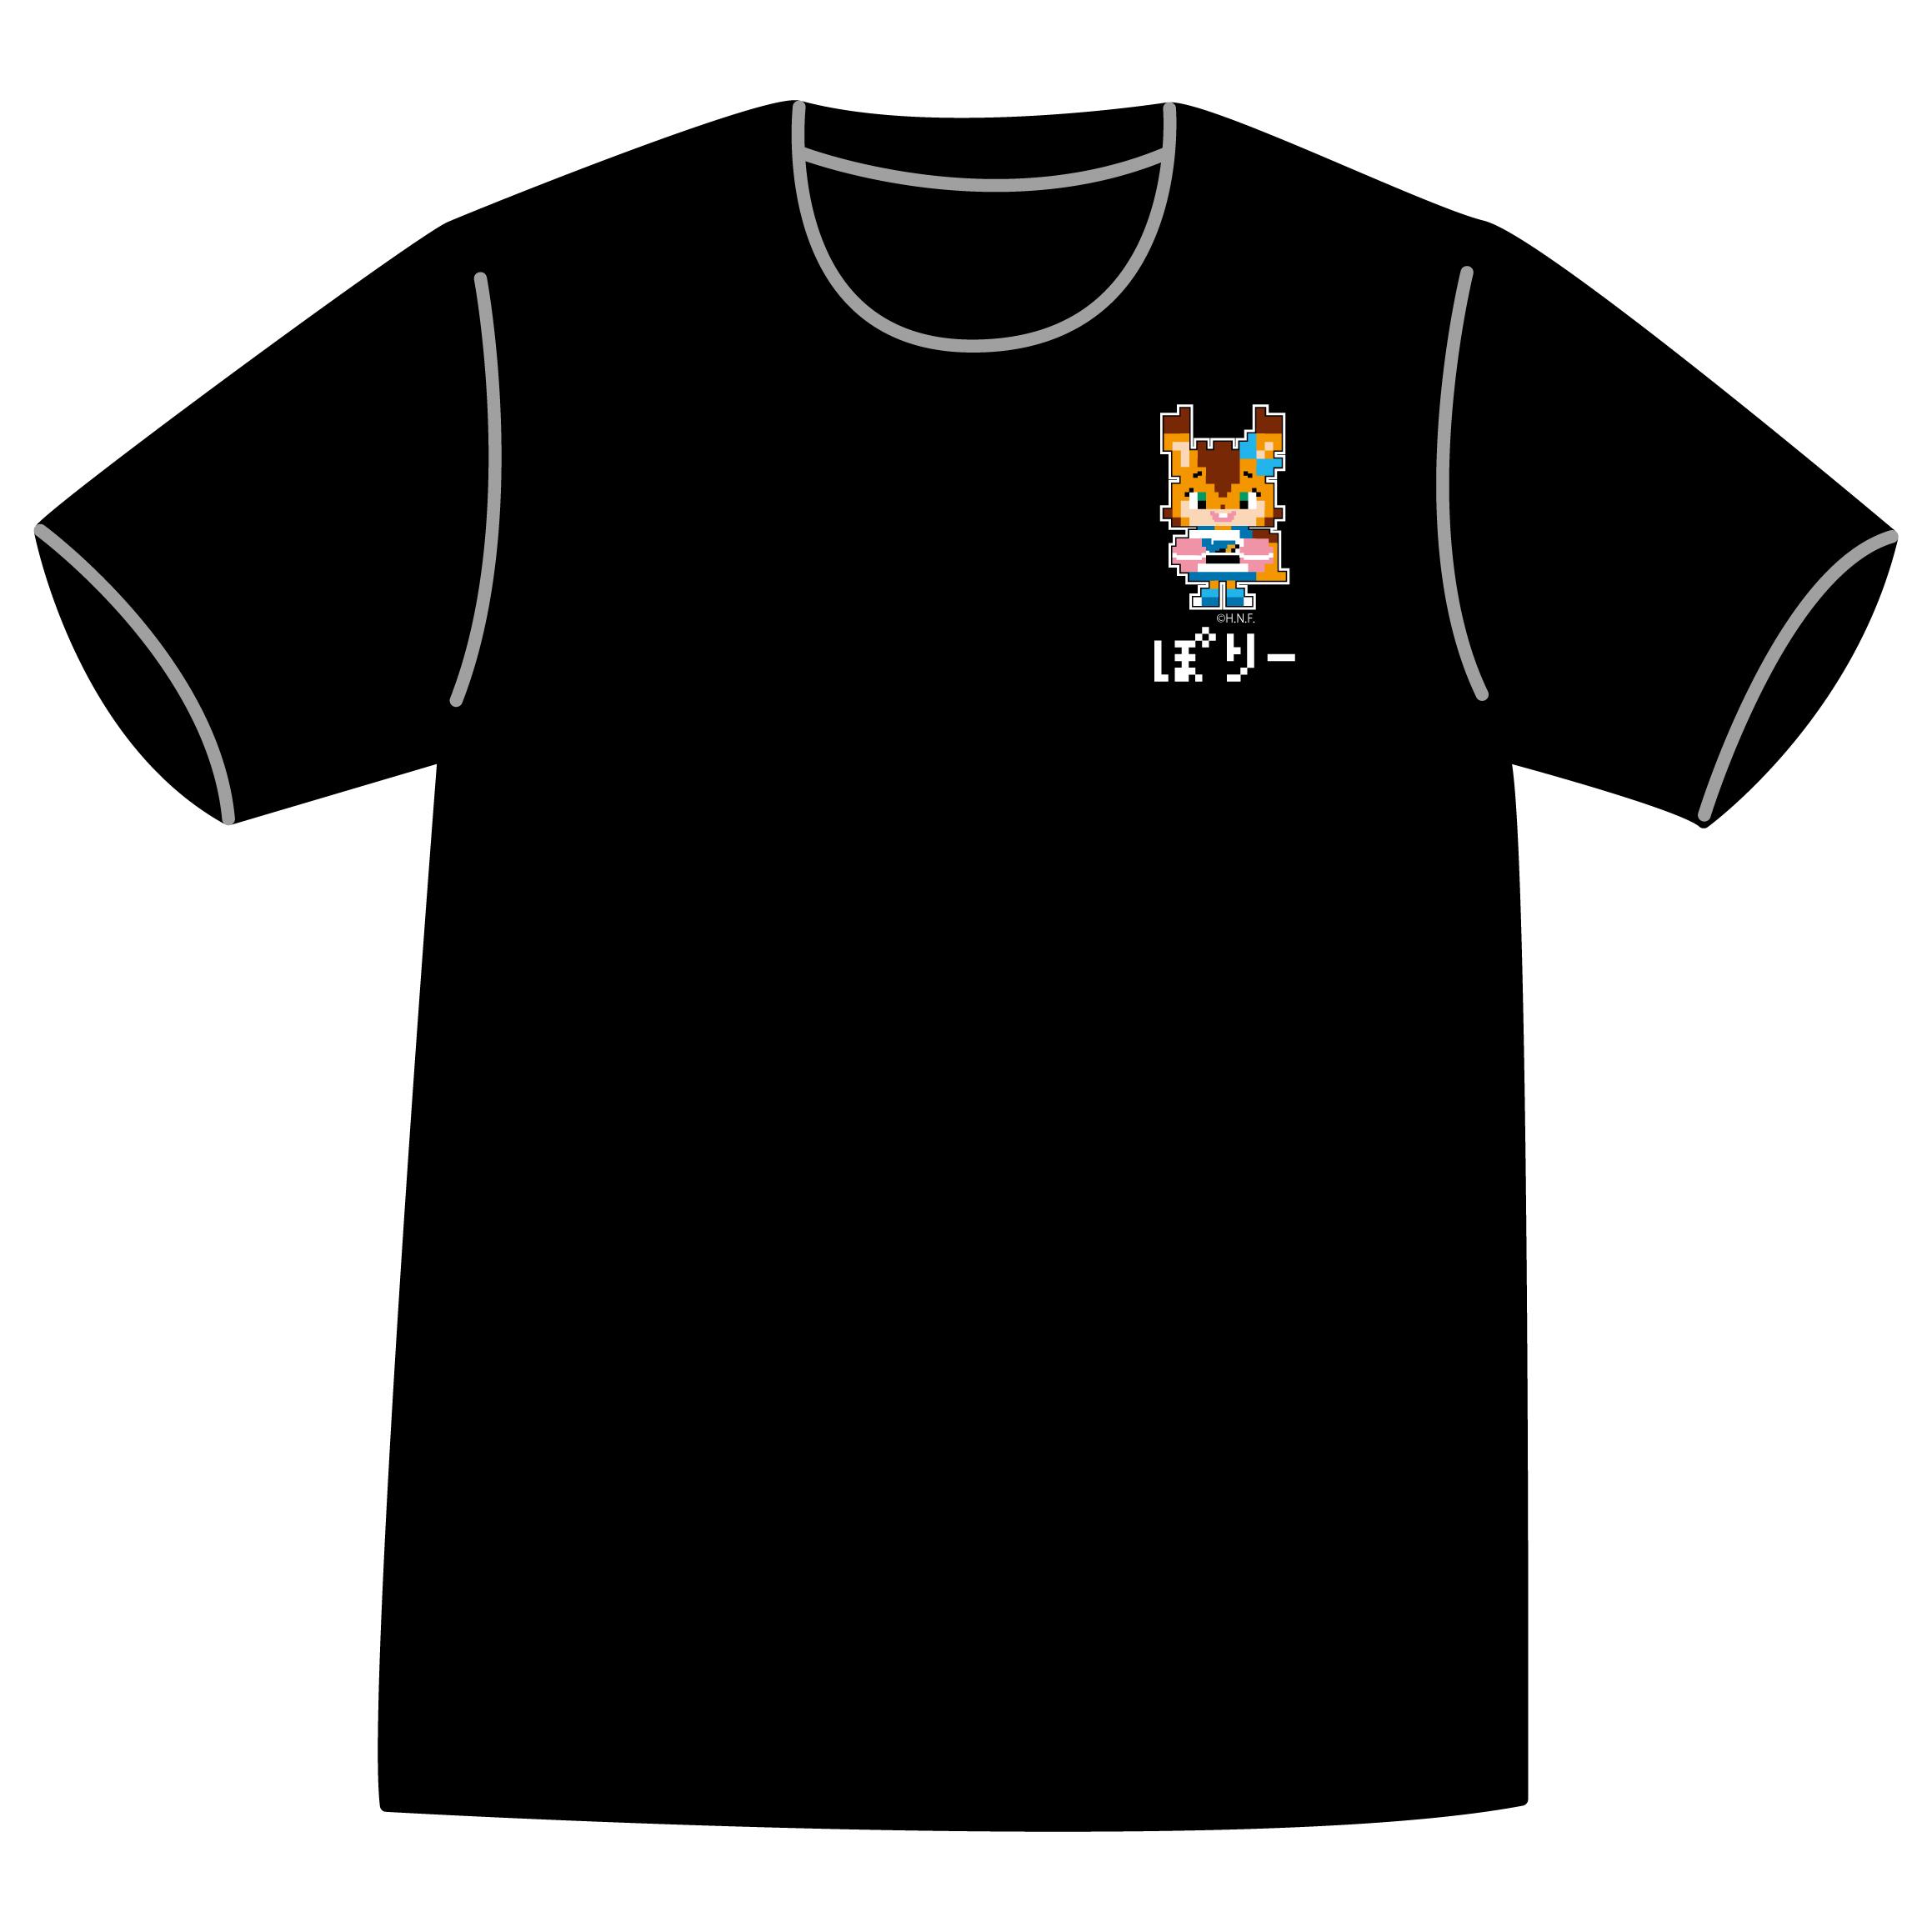 ドットファイターズ 「ポリー」Tシャツ ブラック